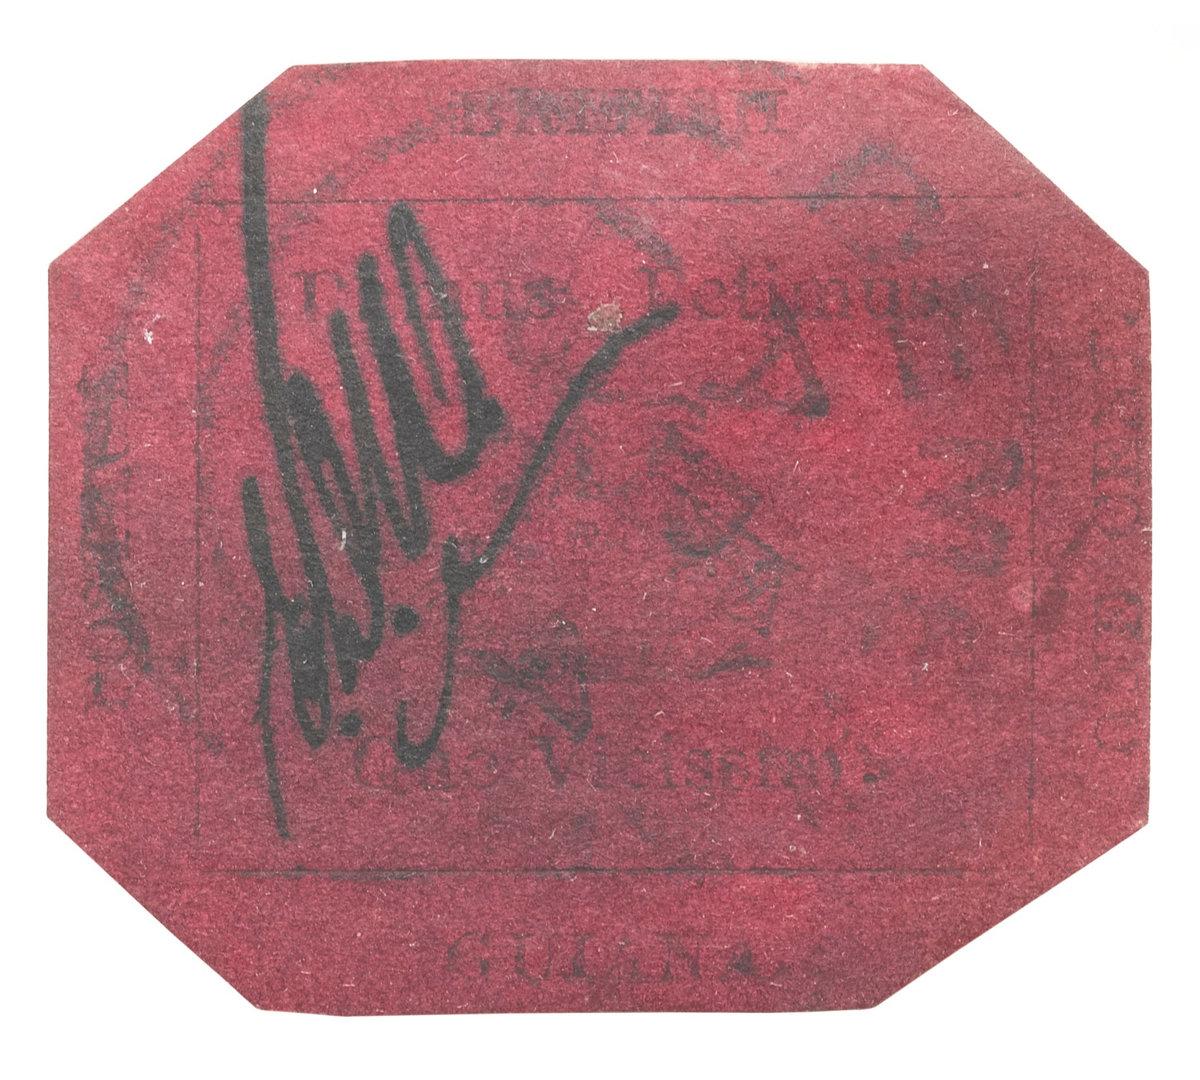 4 апреля 1856 года начались приключения самой редкой из когда-либо напечатанных марок